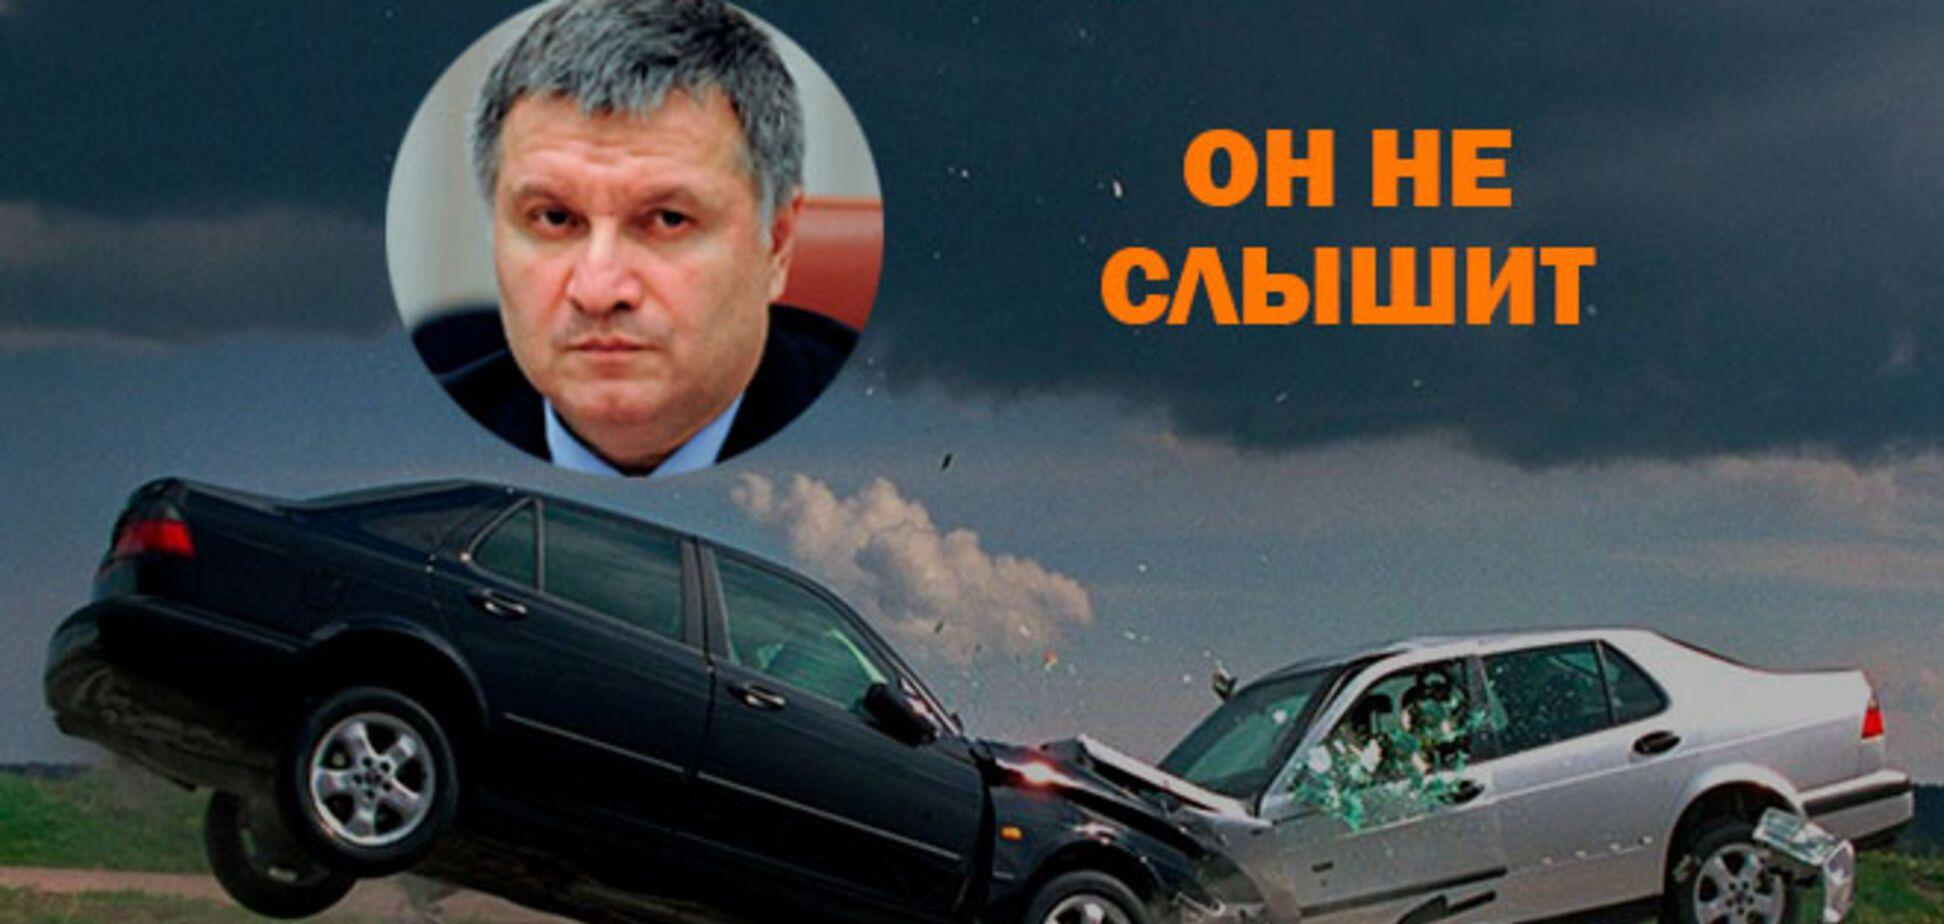 Был на летней резине: под Луцком произошло смертельное ДТП с автобусом